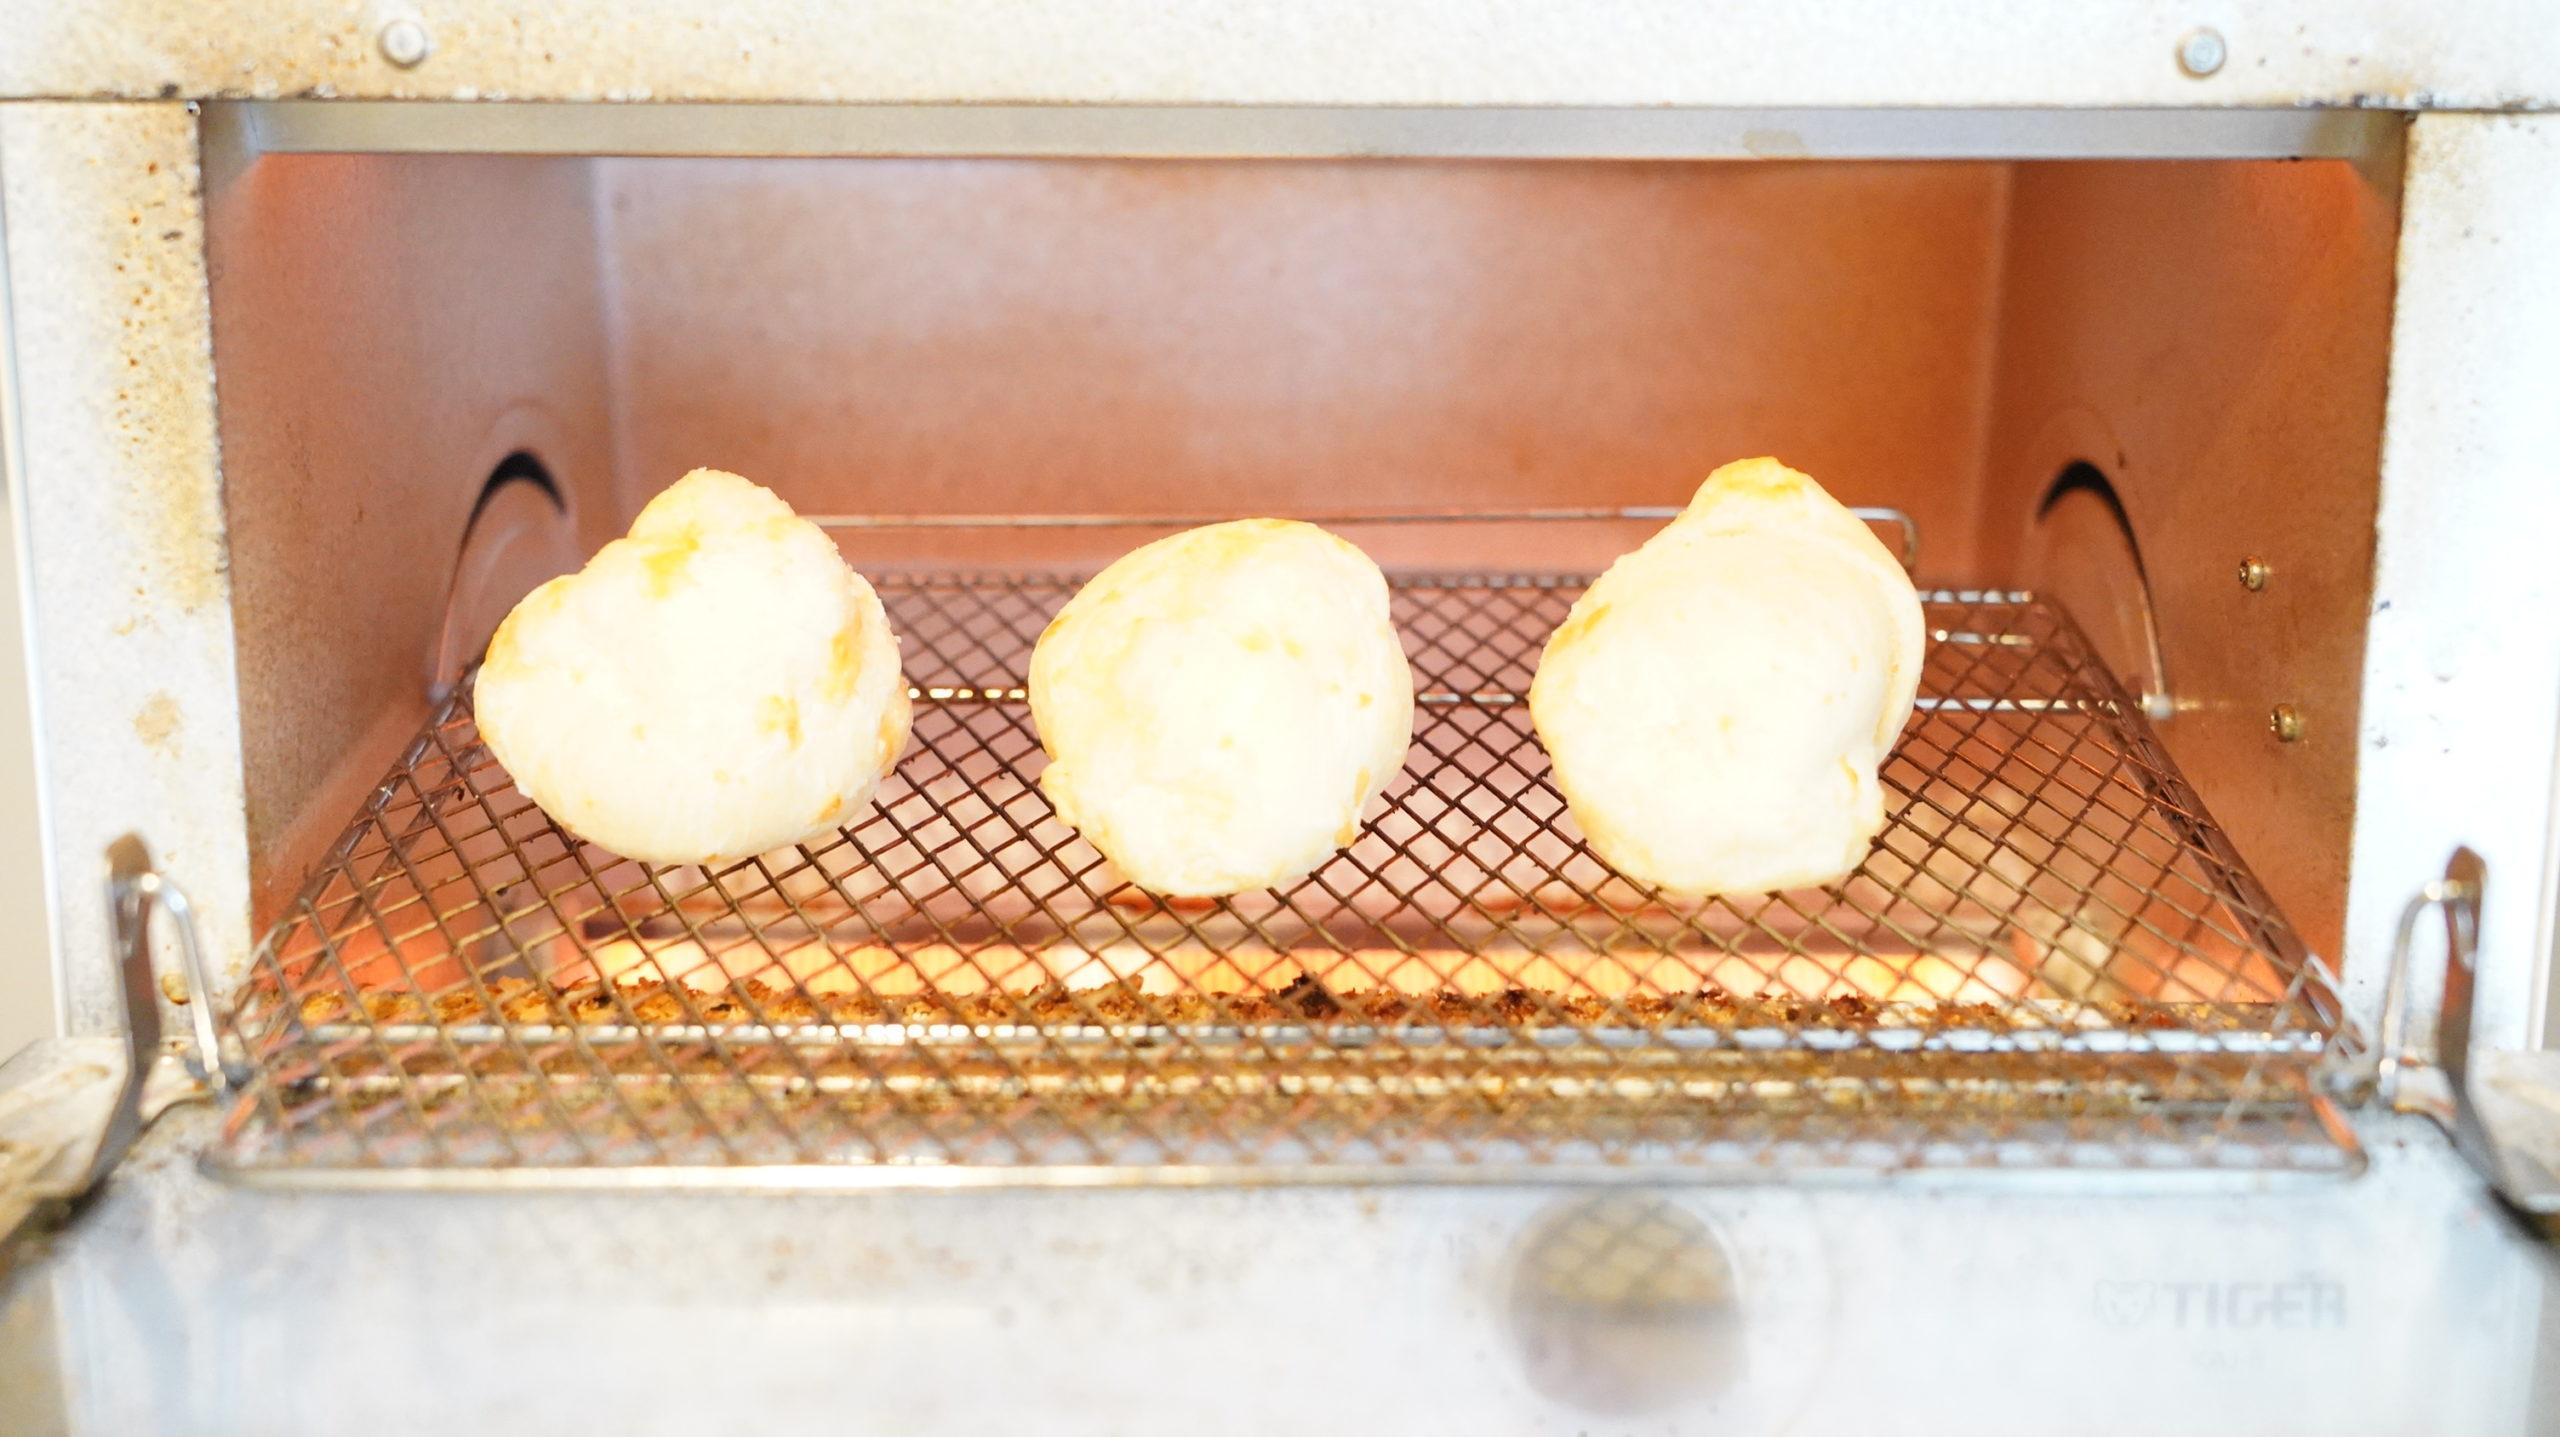 コストコの冷凍食品「ポン・デ・ケージョ」をオーブントースターで焼いている写真